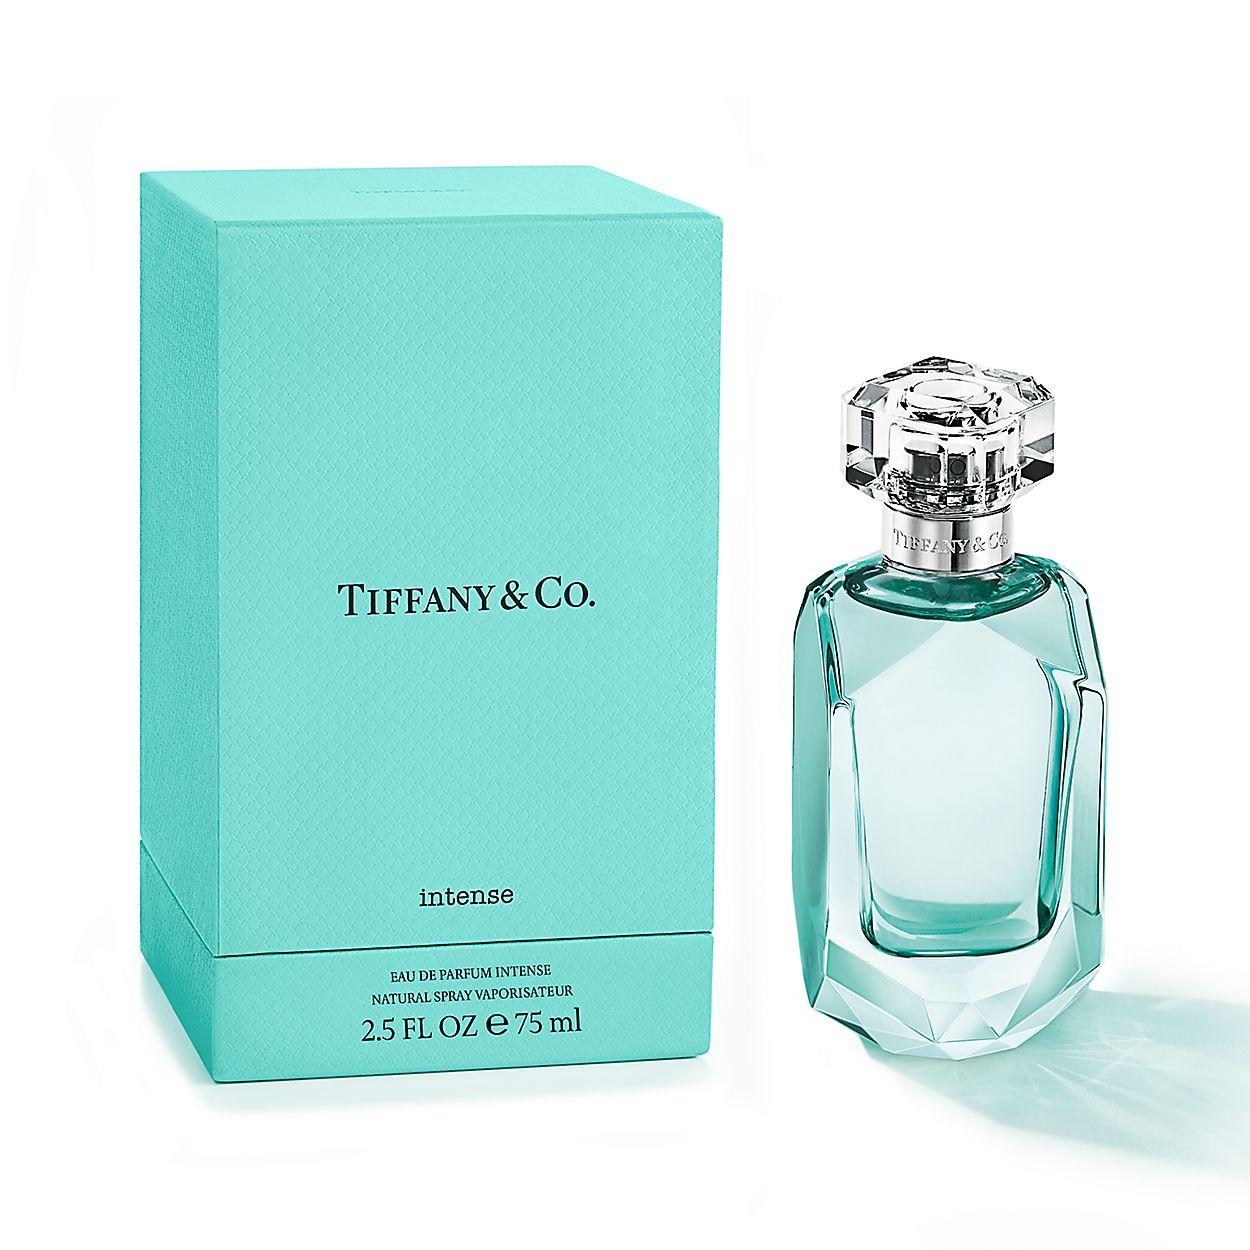 a0a0eaf50bd Tiffany Eau de Parfum Intense, 2.5 ounces. | Tiffany & Co.